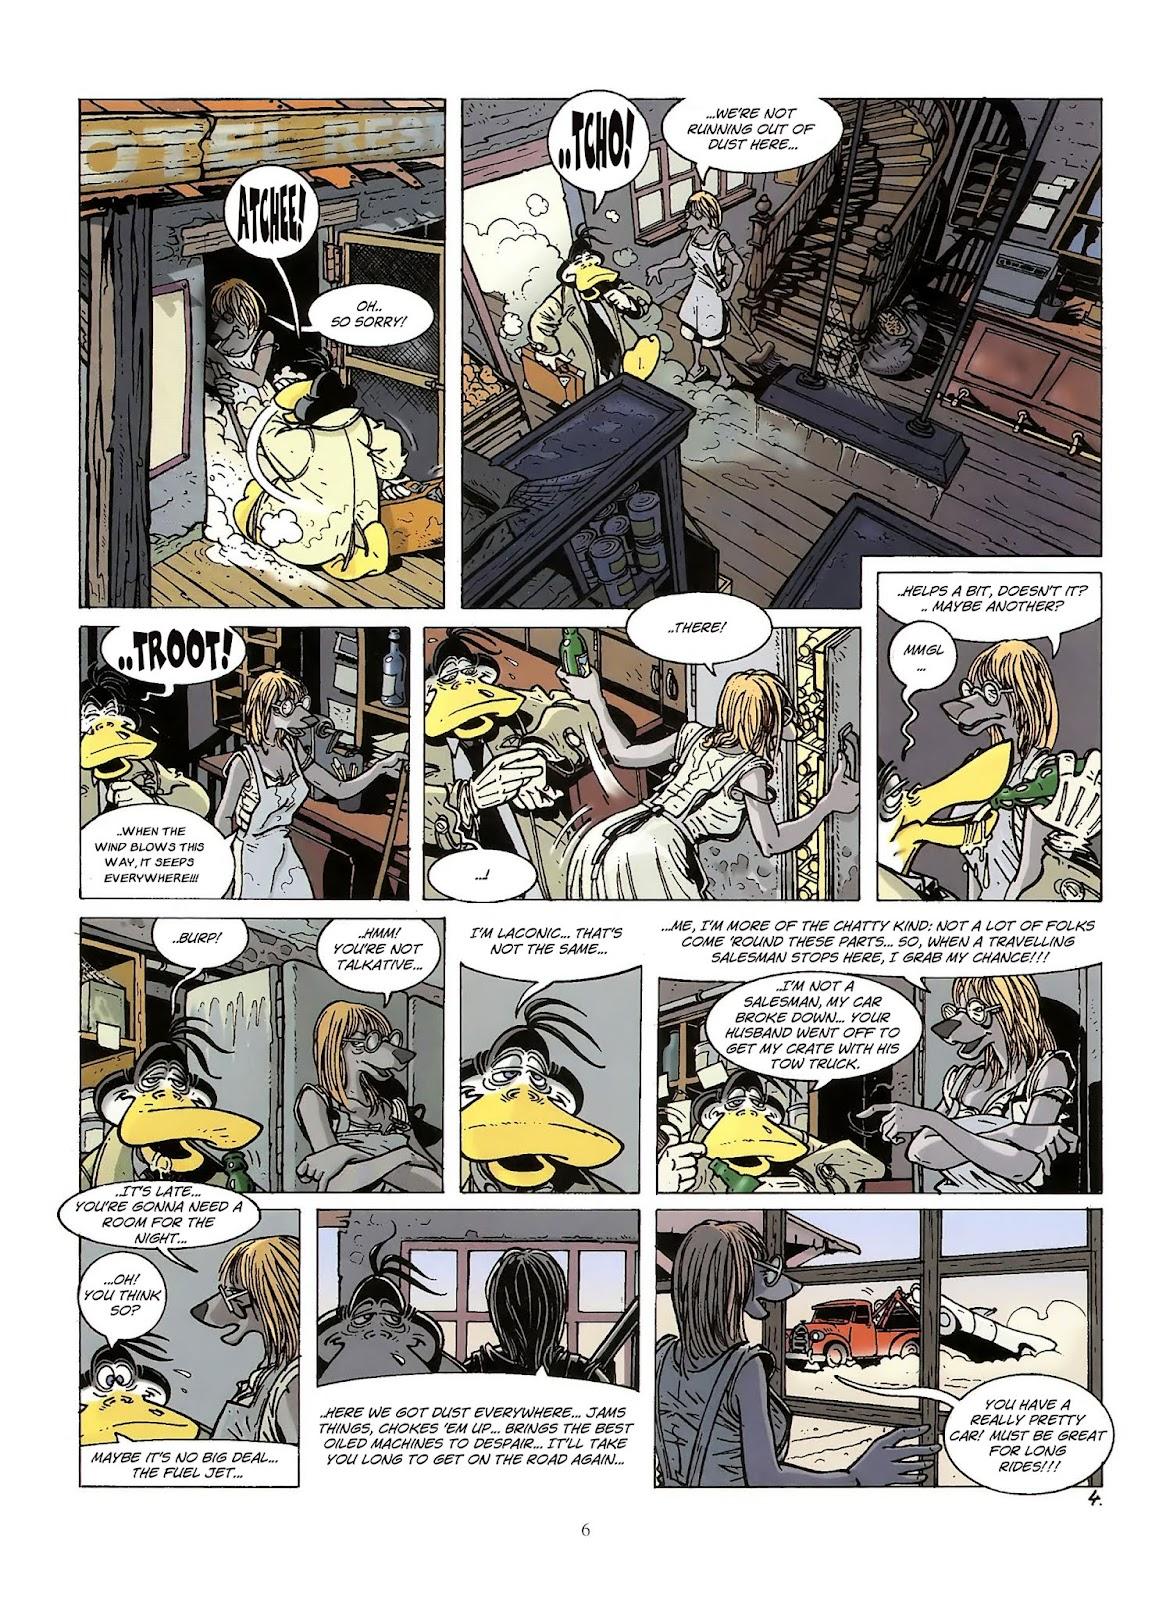 Une enquête de l'inspecteur Canardo issue 10 - Page 7